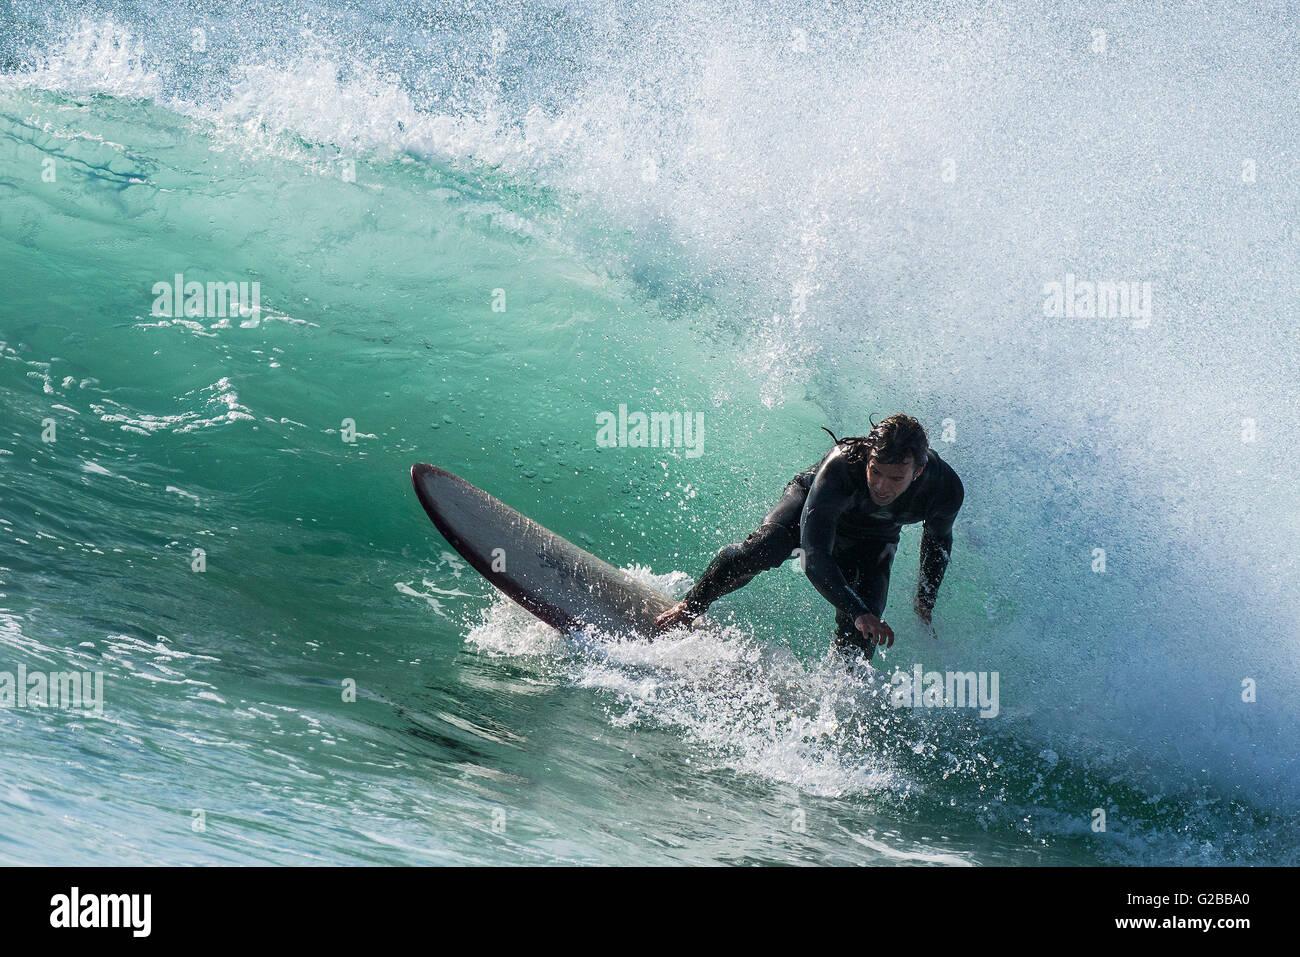 Tempo ventoso crea ideali condizioni di surf a Fistral in Newquay, Cornwall. Immagini Stock